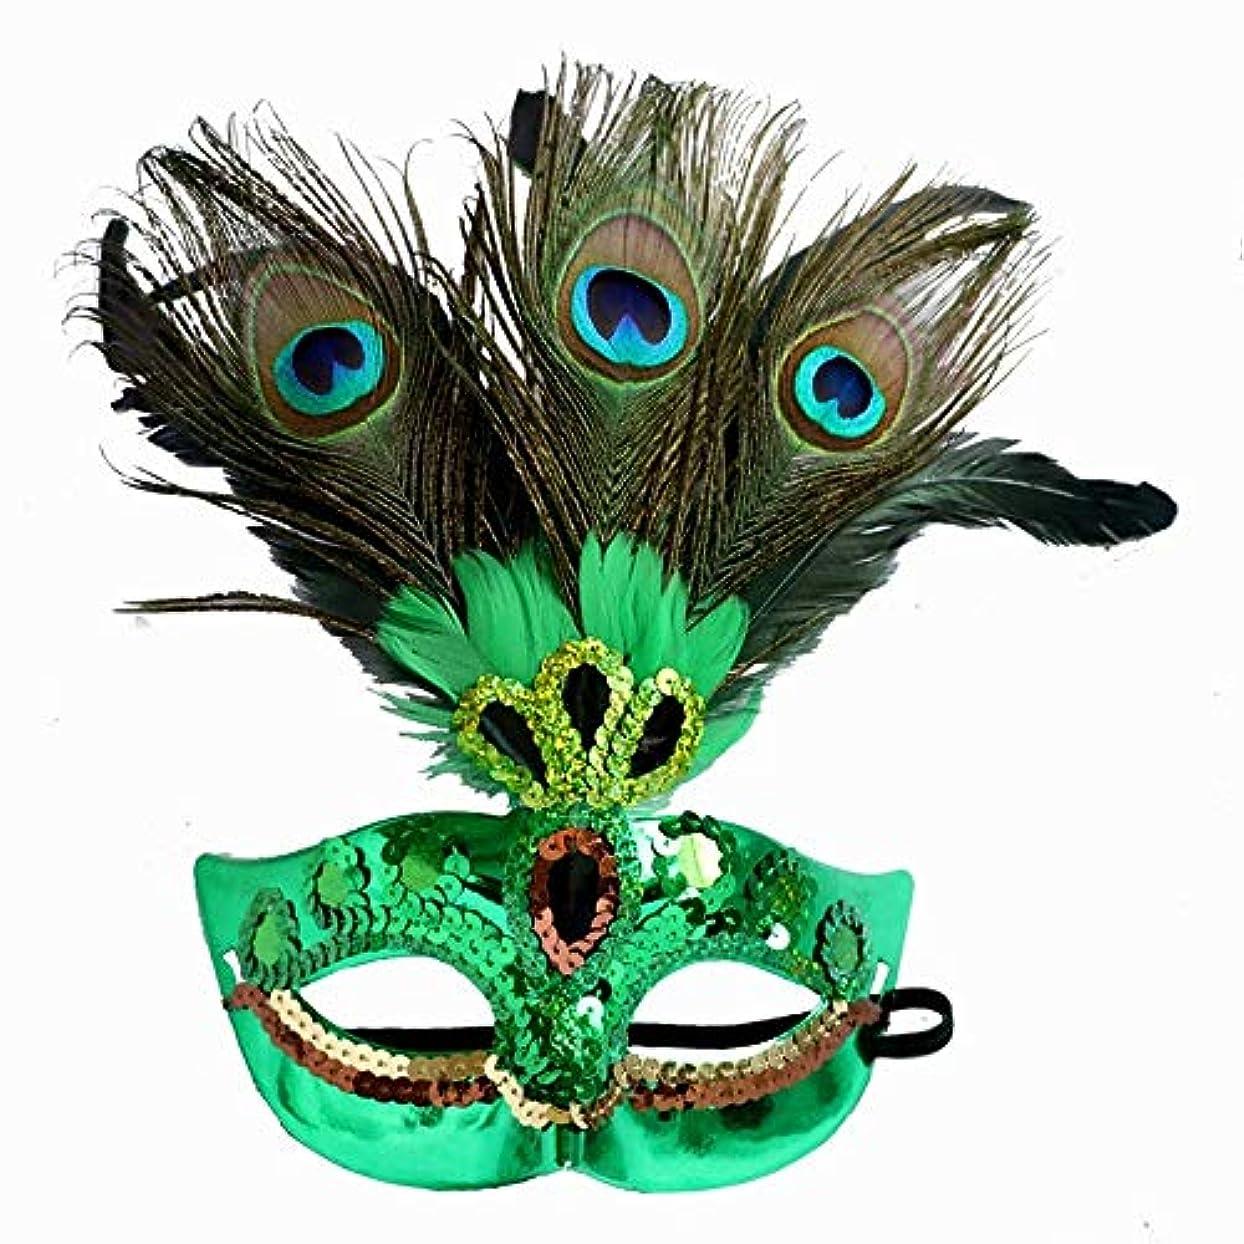 スリップ人種ケージダンスマスク 仮面舞踏会マスククジャクの羽パーティー衣装ハロウィンマスクボール目猫女性マスクハーフマスク ホリデーパーティー用品 (色 : 緑, サイズ : 18x25cm)